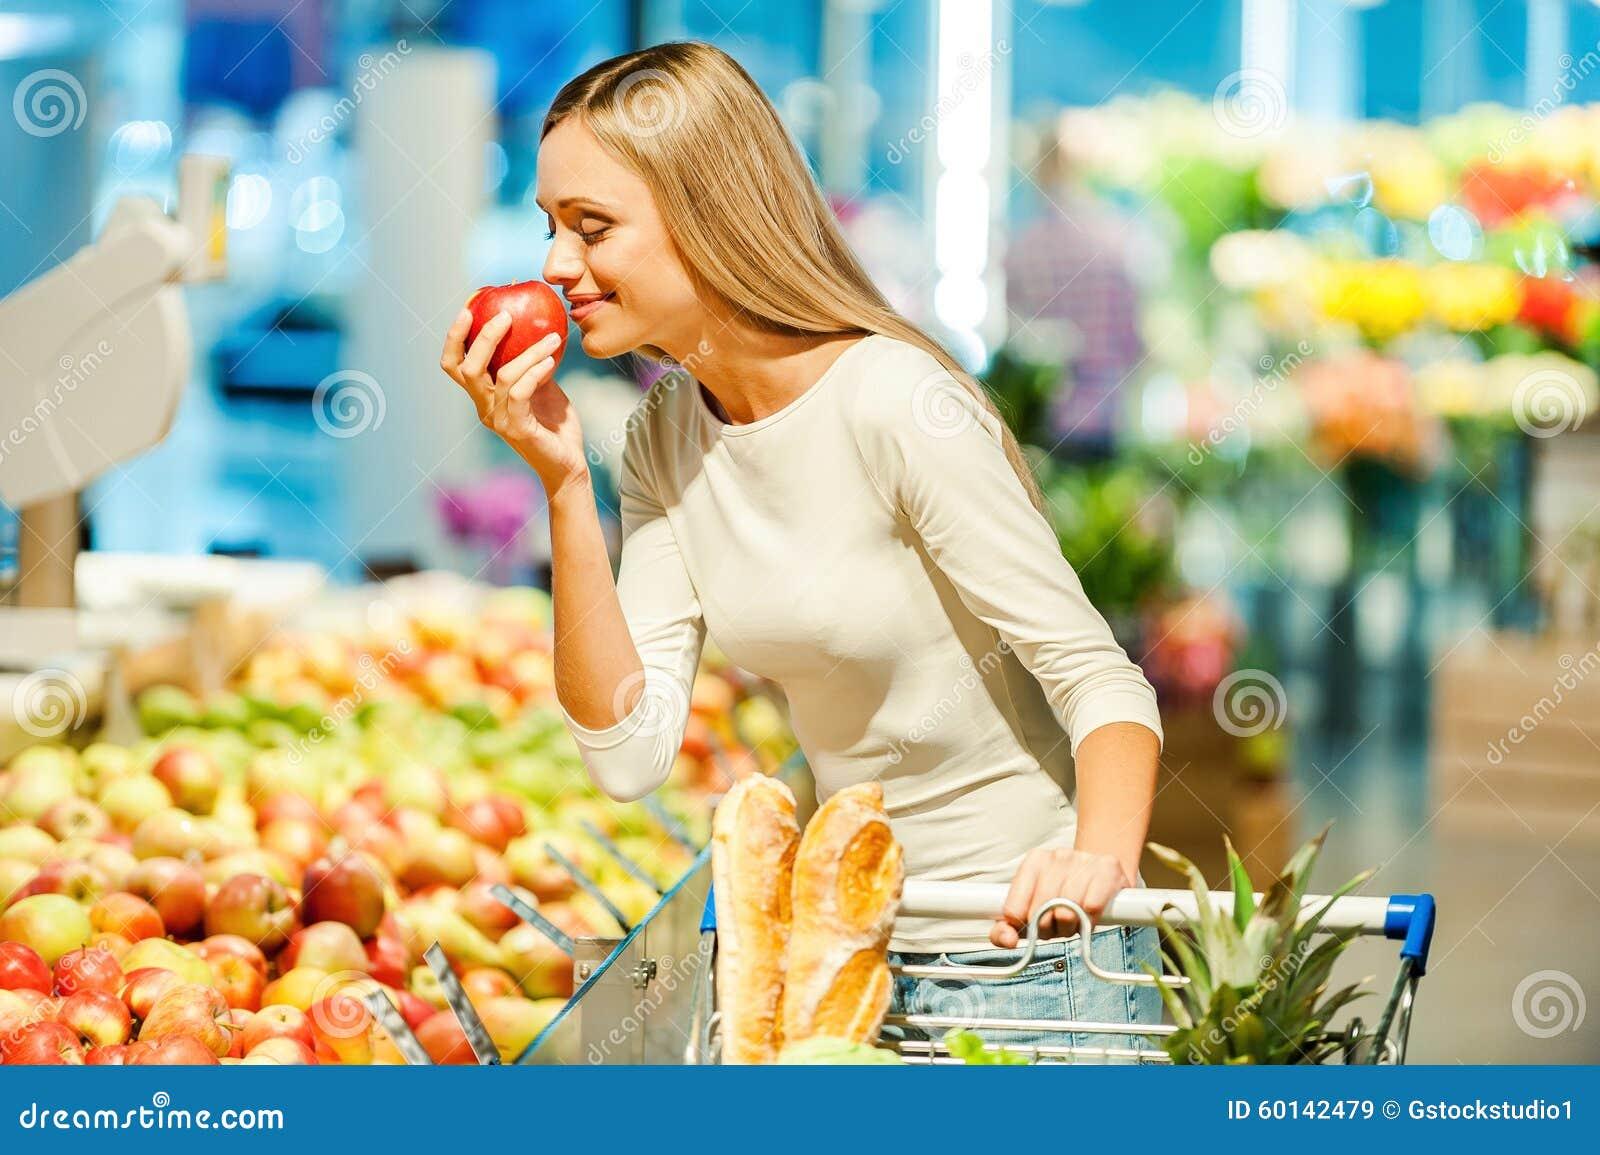 Только самые лучшие фрукты и овощи